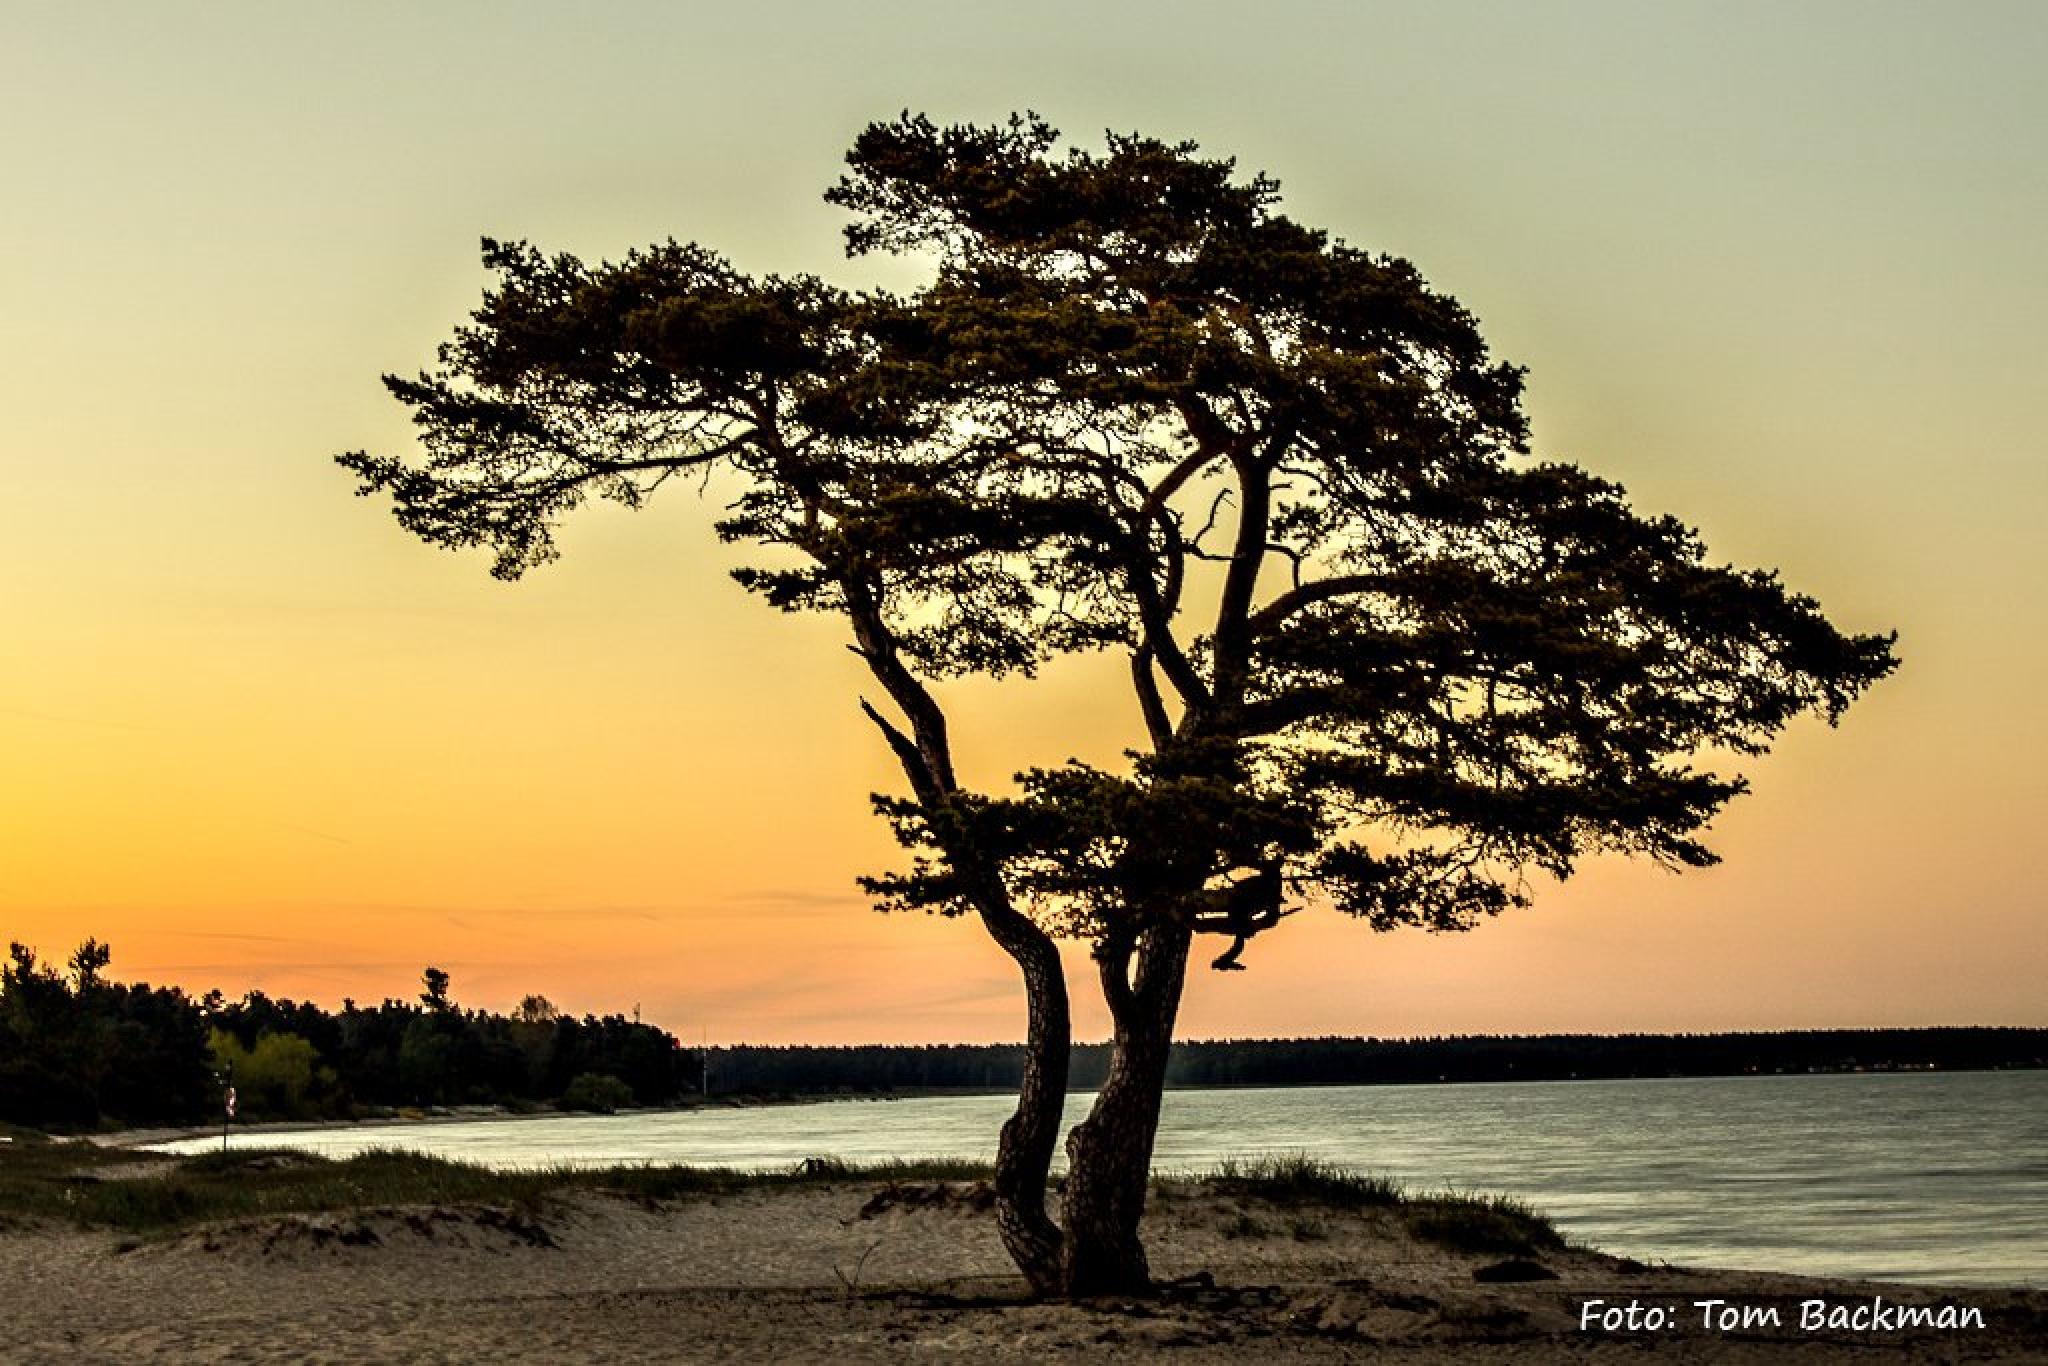 Tall på stranden, Åhus by Tom Backman